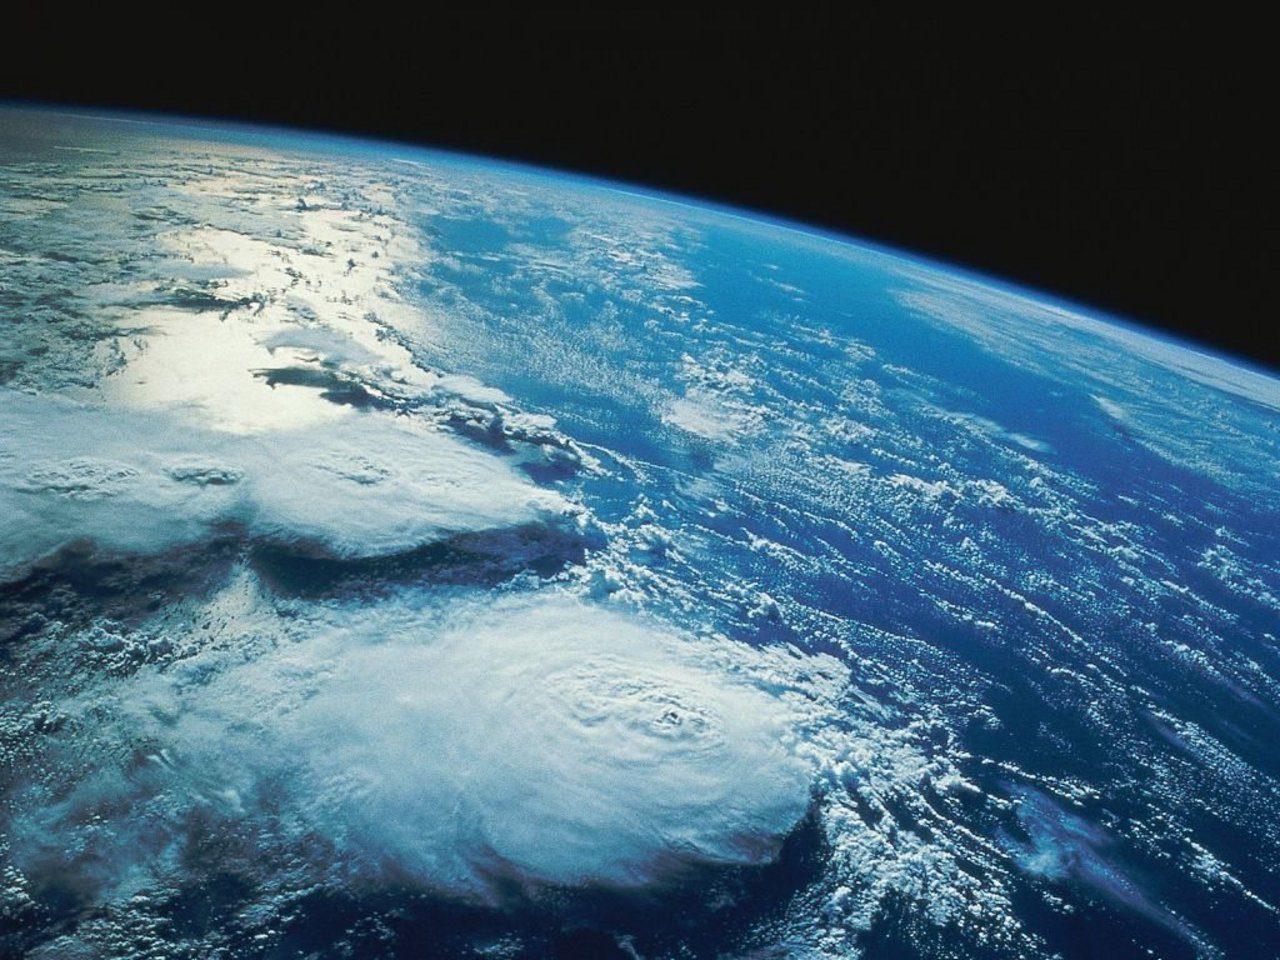 10 falsi luoghi comuni sulle cause del surriscaldamento globale. Le 10 domande per essere più consapevoli sulle cause del surriscaldamento globale per una svolta green. L'immagine raffigura il pianeta Terra visto dallo spazio